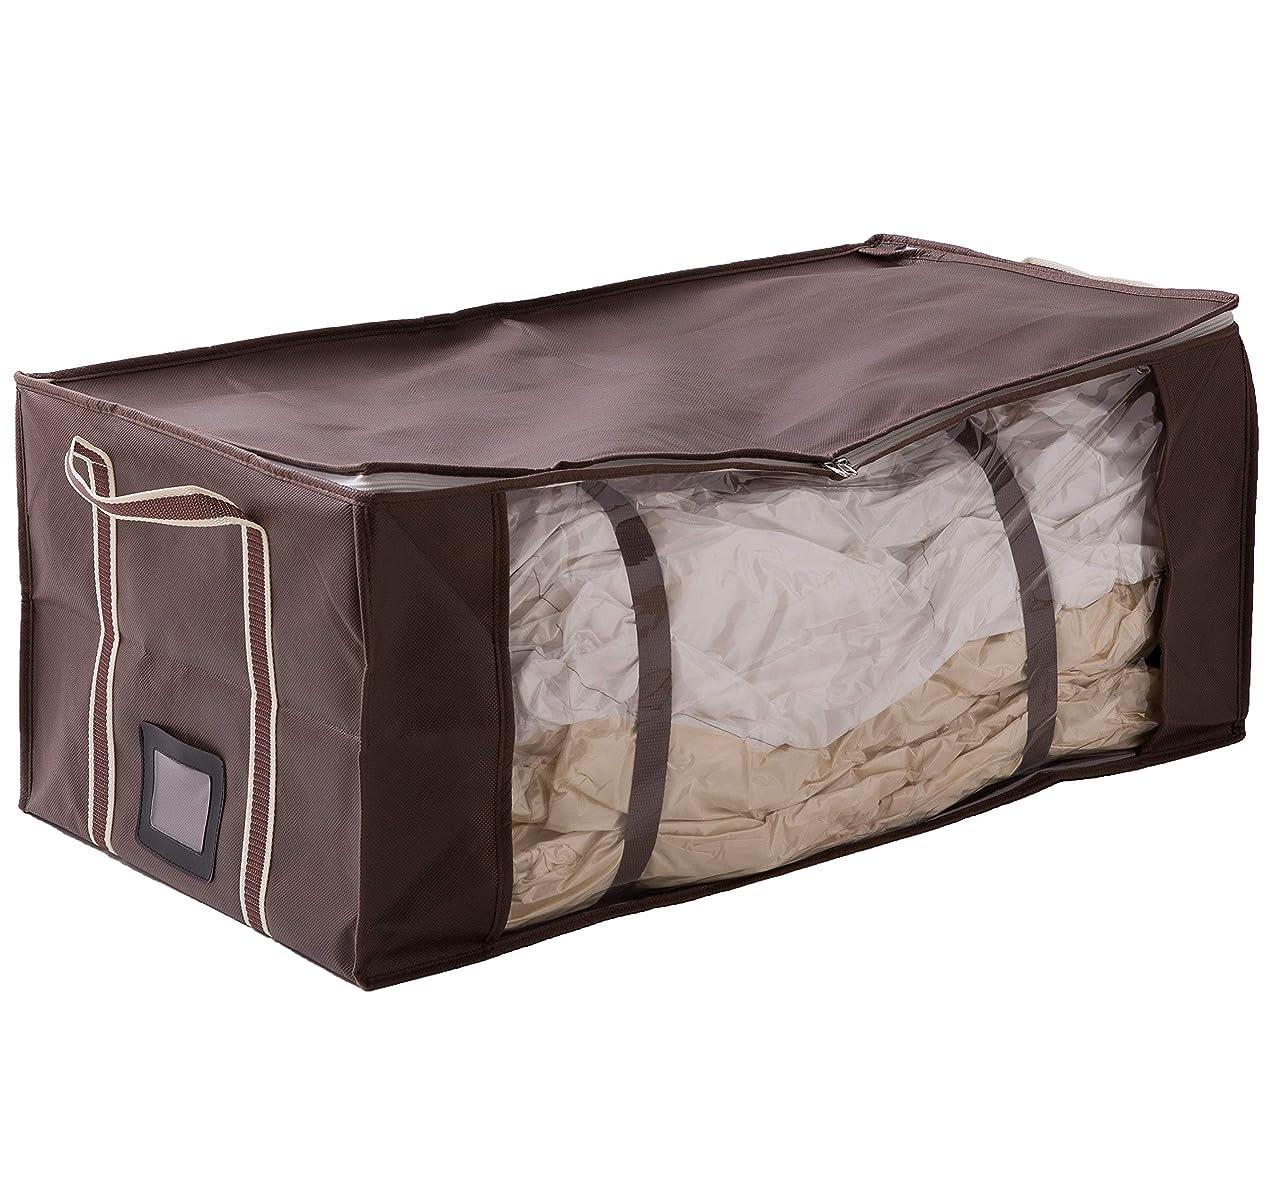 スクワイア場所大脳衣類も布団もラクラク圧縮ボックス(収納ケース&圧縮袋合体タイプ) レギュラー ブラウン 47210006